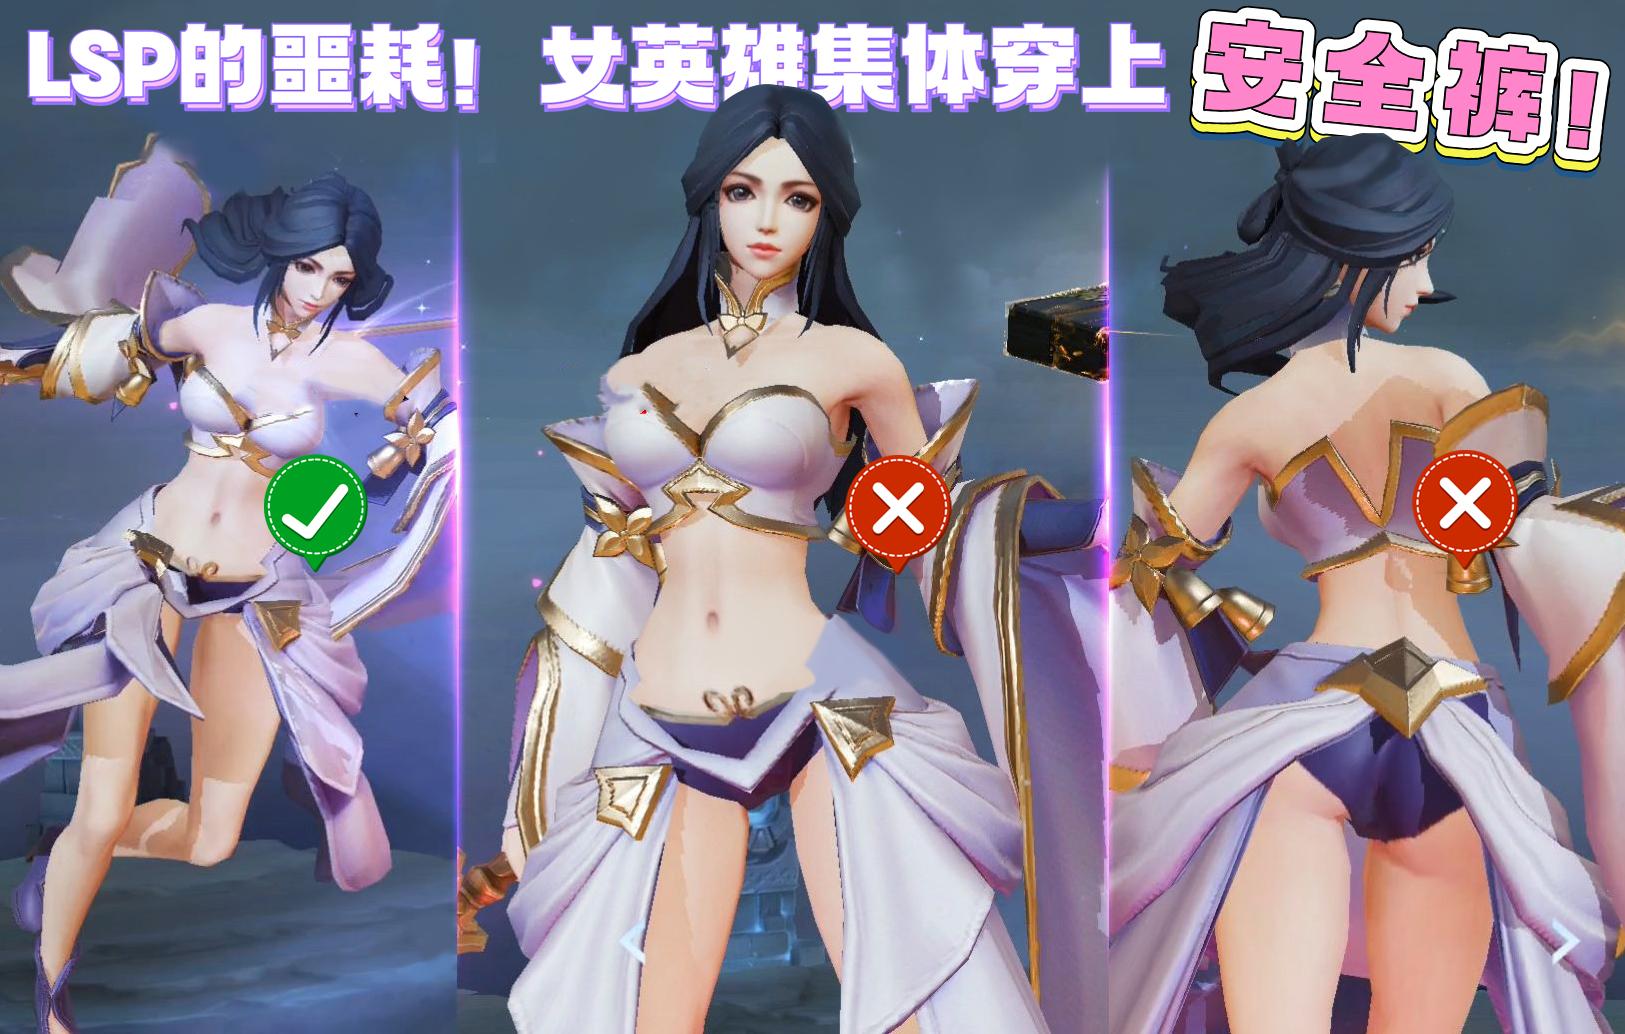 王者荣耀:LSP们的噩耗!多名美女角色被和谐,集体穿上安全裤!